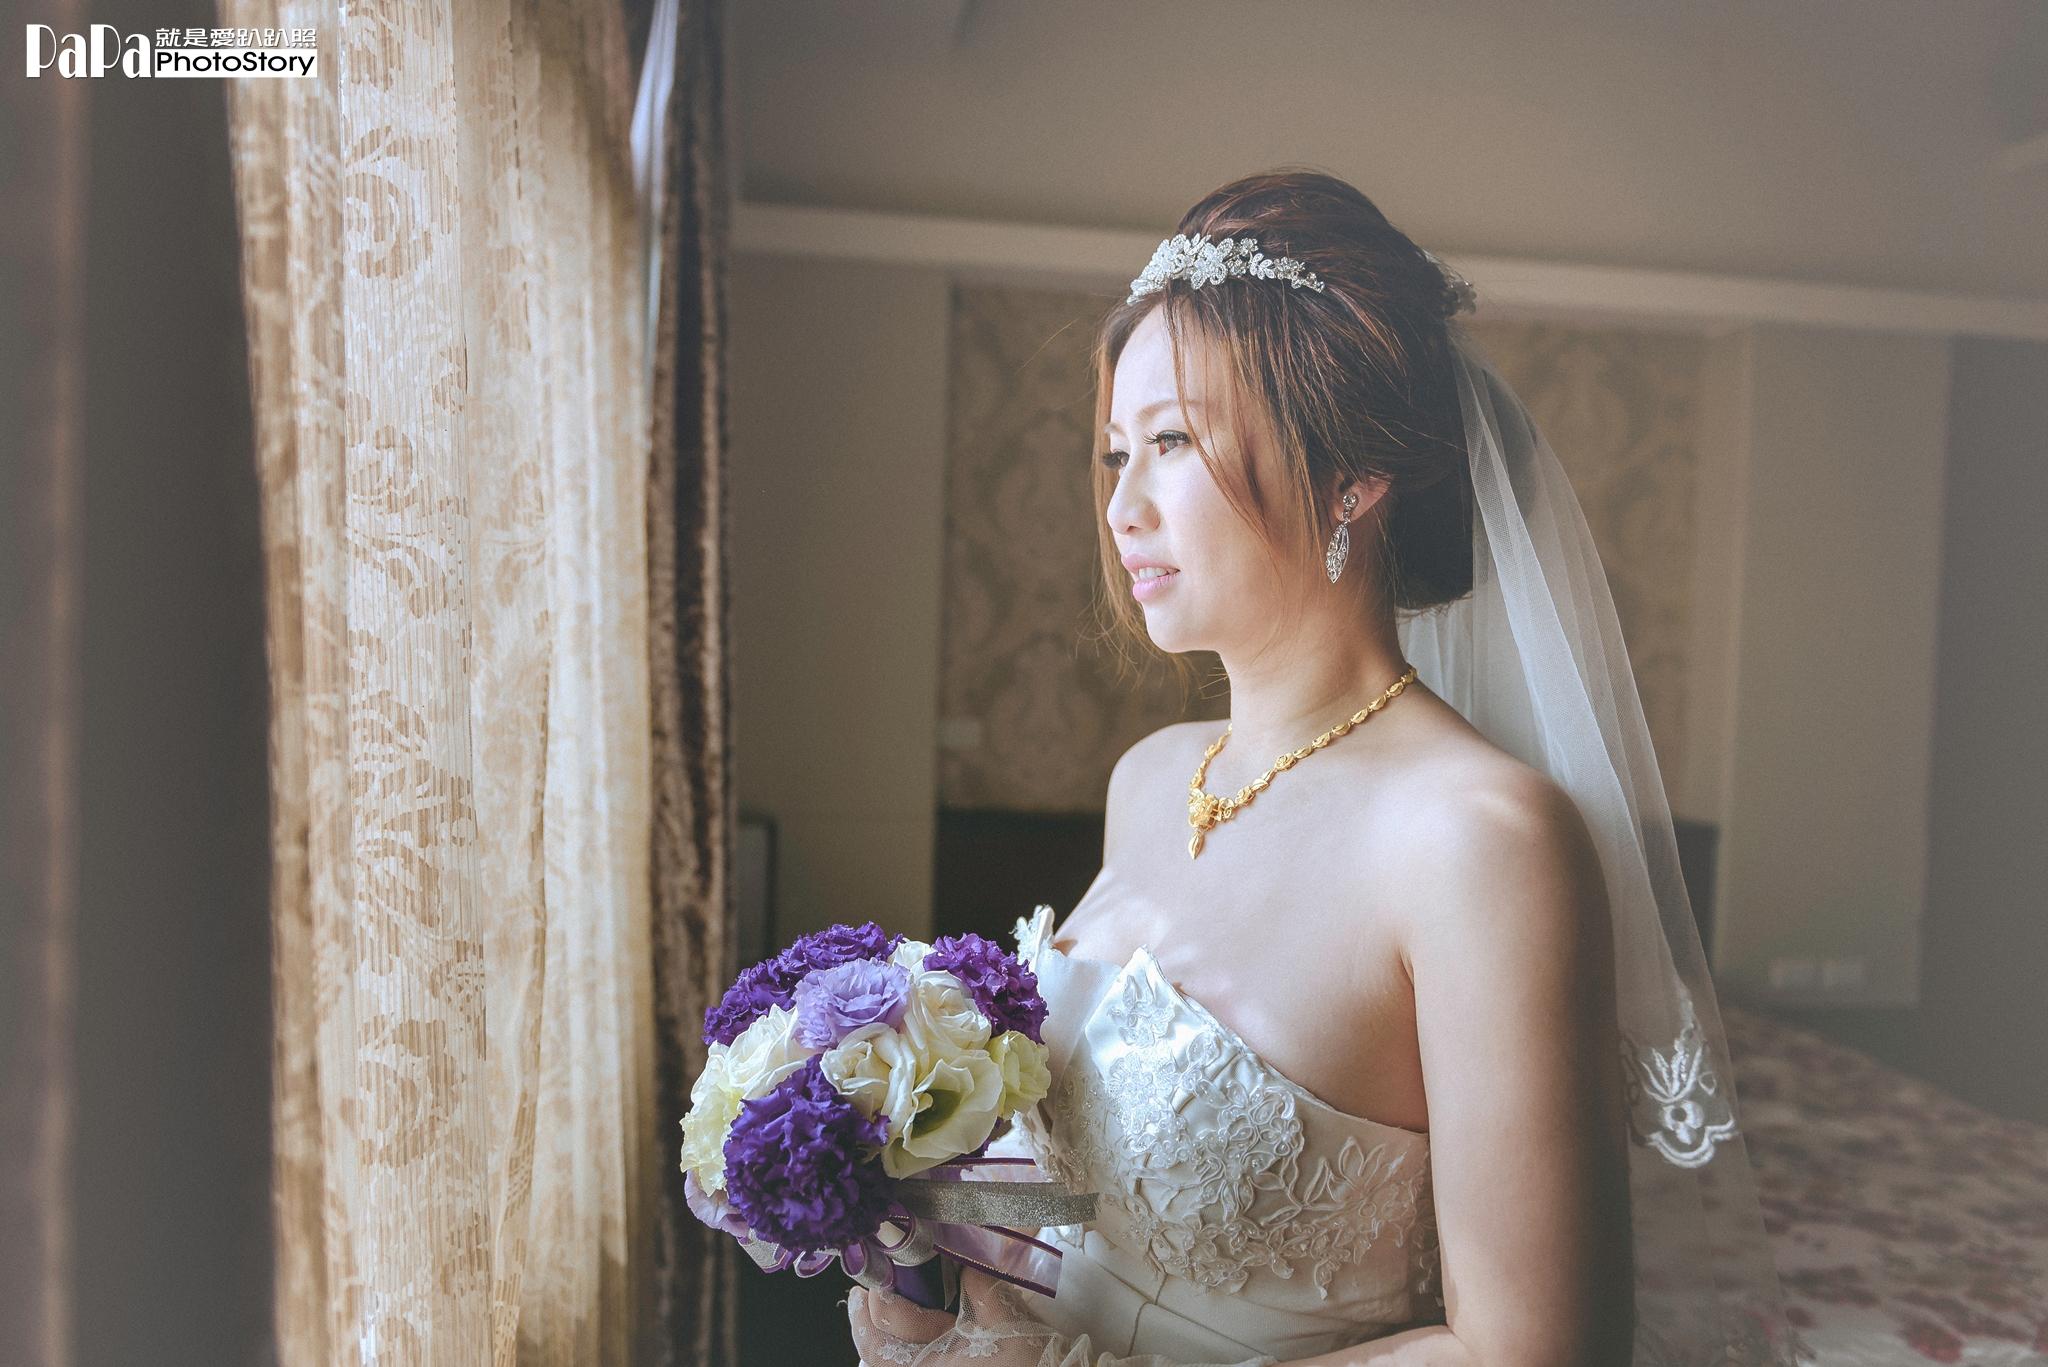 迎娶流程,結婚流程,婚攝,婚禮習俗,婚攝趴趴照,結婚習俗,桃園婚攝,婚攝推薦